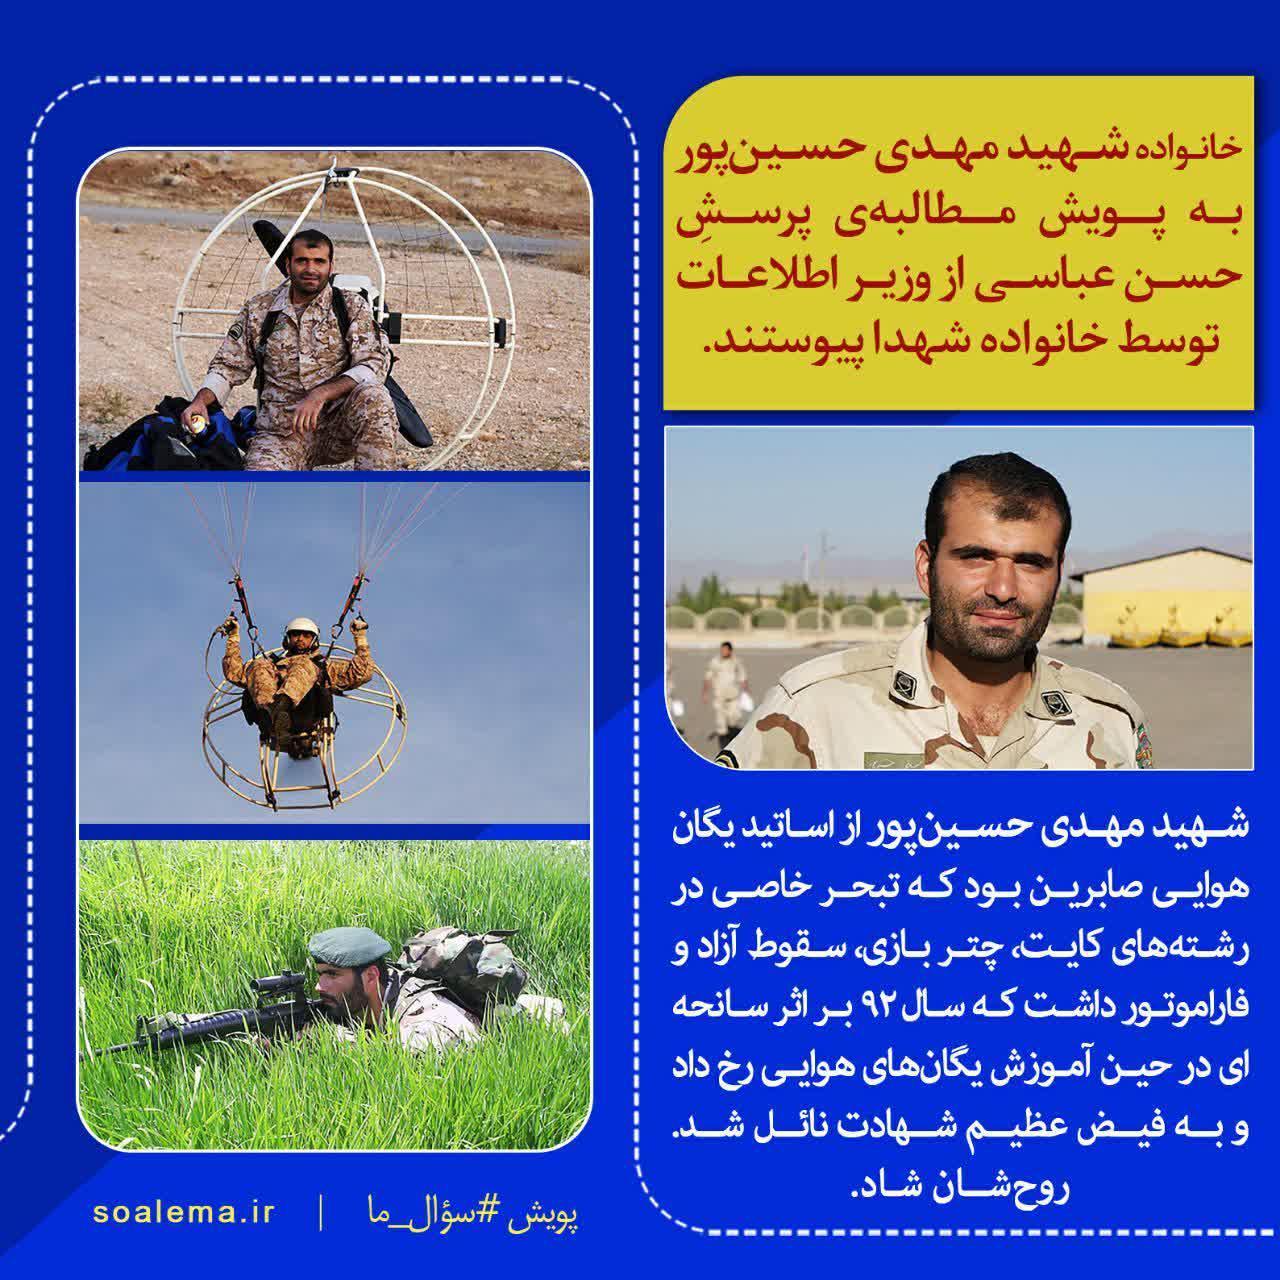 http://dl-abbasi.ir/yekta/1398/Graphic/Shohada/Shakhes27.jpg